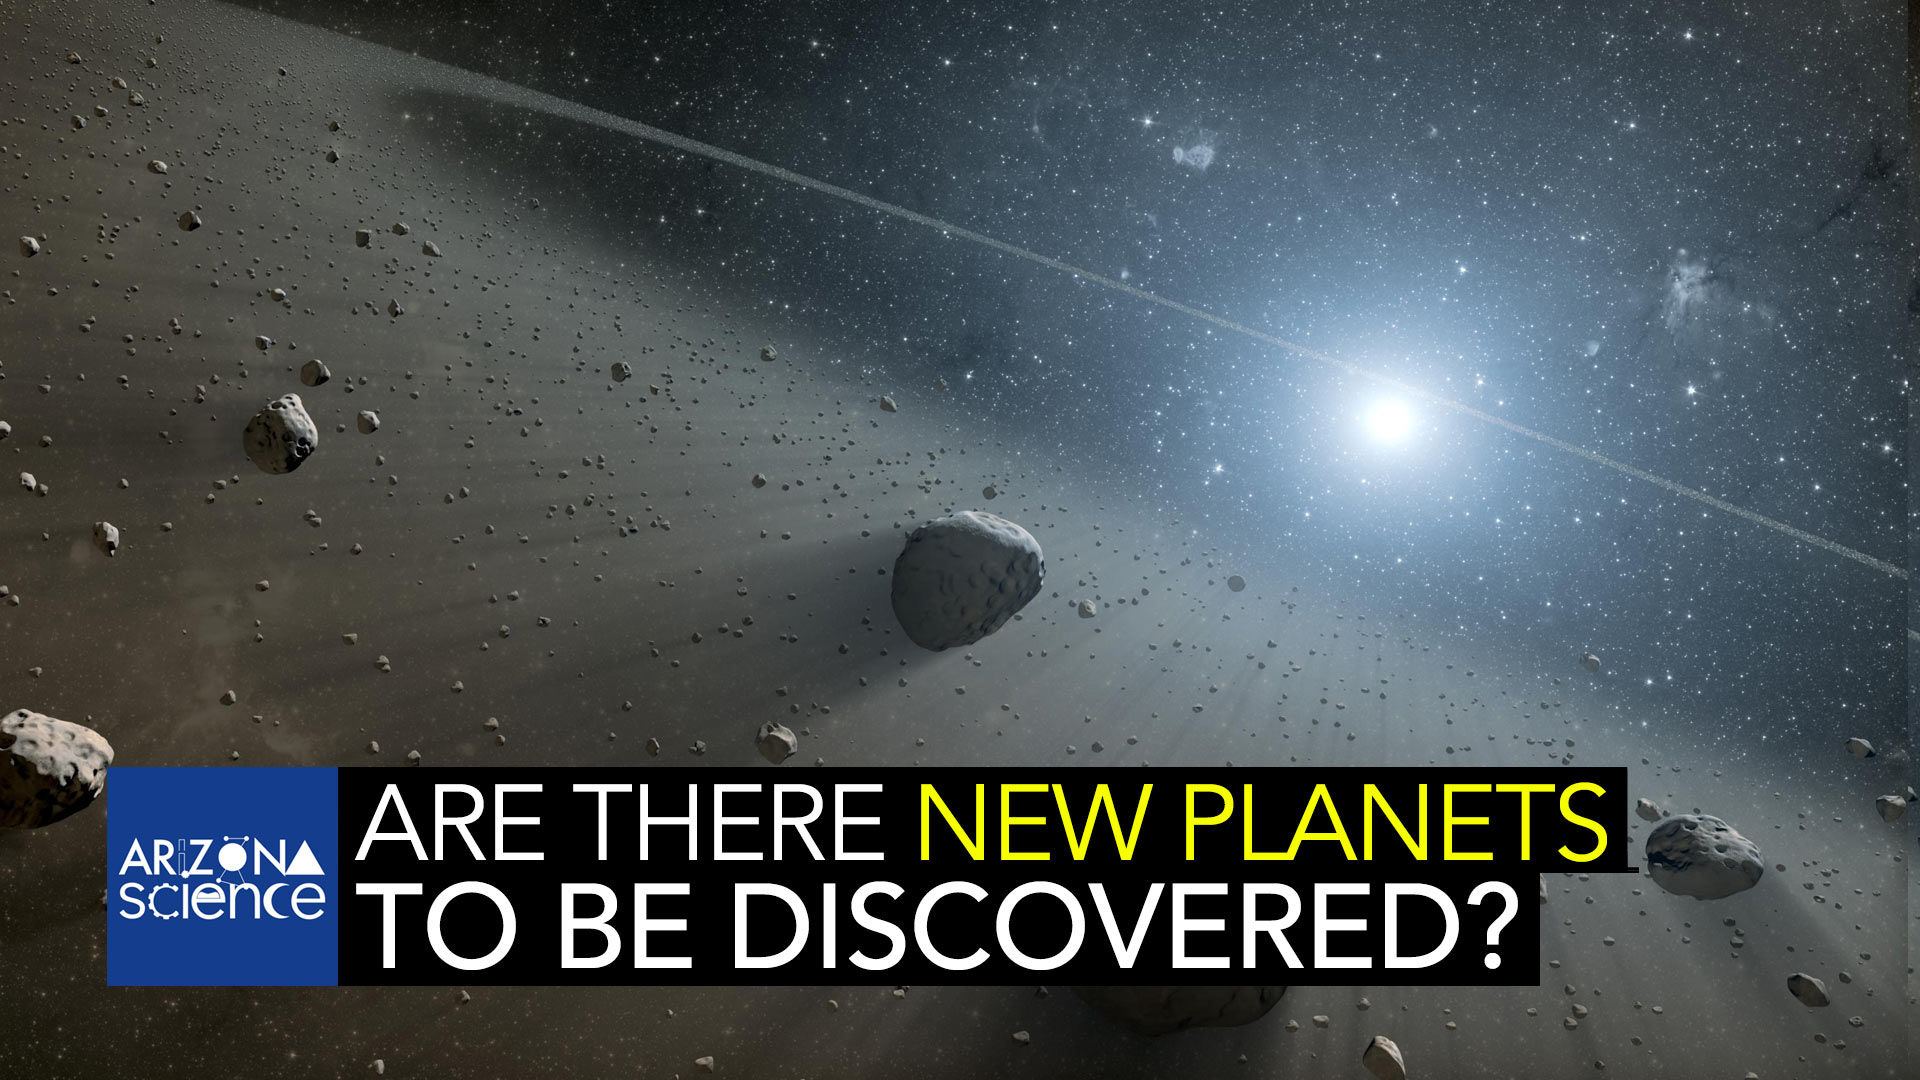 AZSCI New Planets